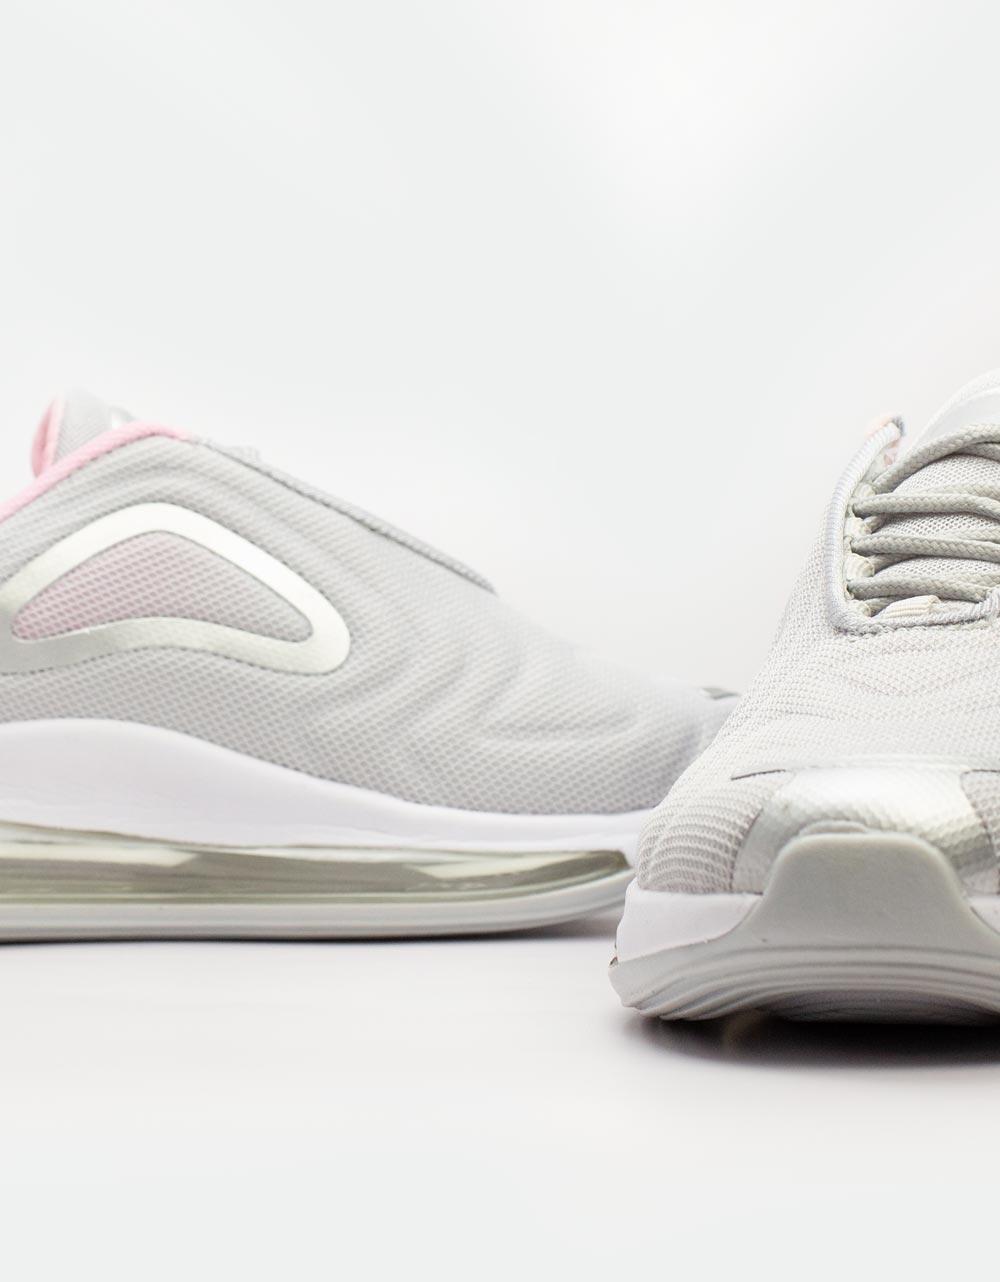 Εικόνα από Γυναικεία sneakers με αερόσολα Γκρι/Ροζ